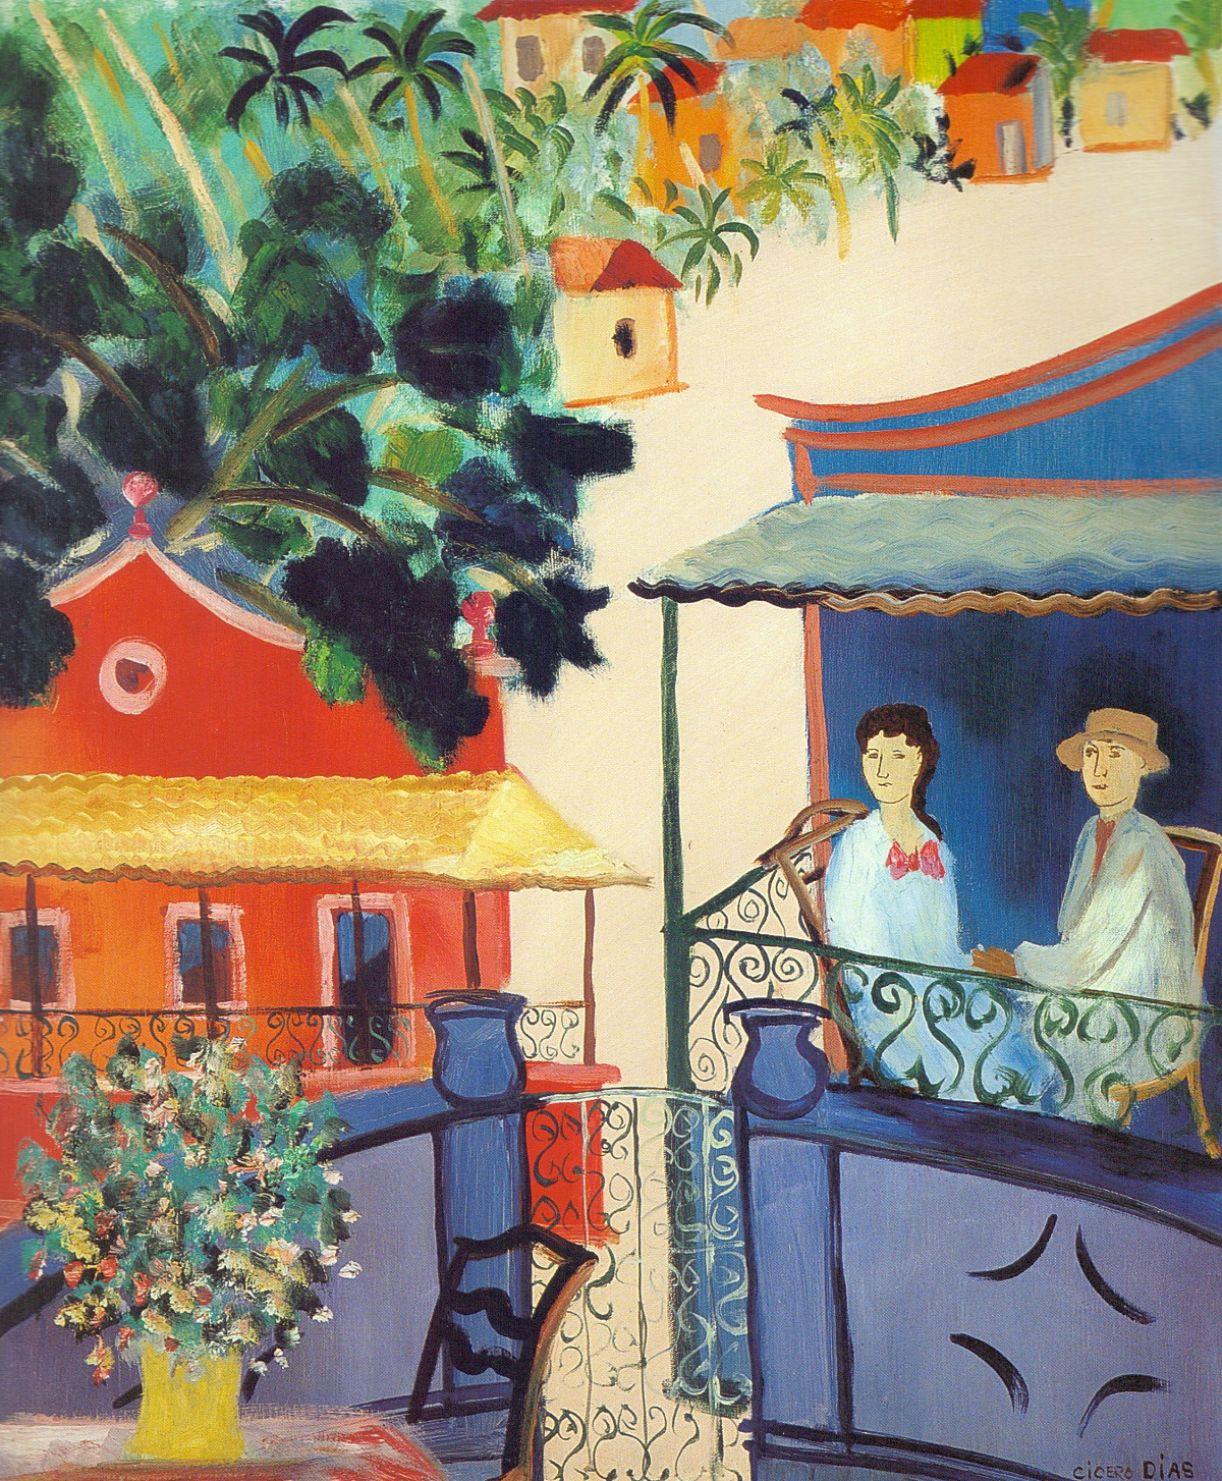 'Casal no Alpendre', década de 1950, óleo sobre tela, 65 x 54 cm, coleção Waldir Simões de Assis Filho, Curitiba